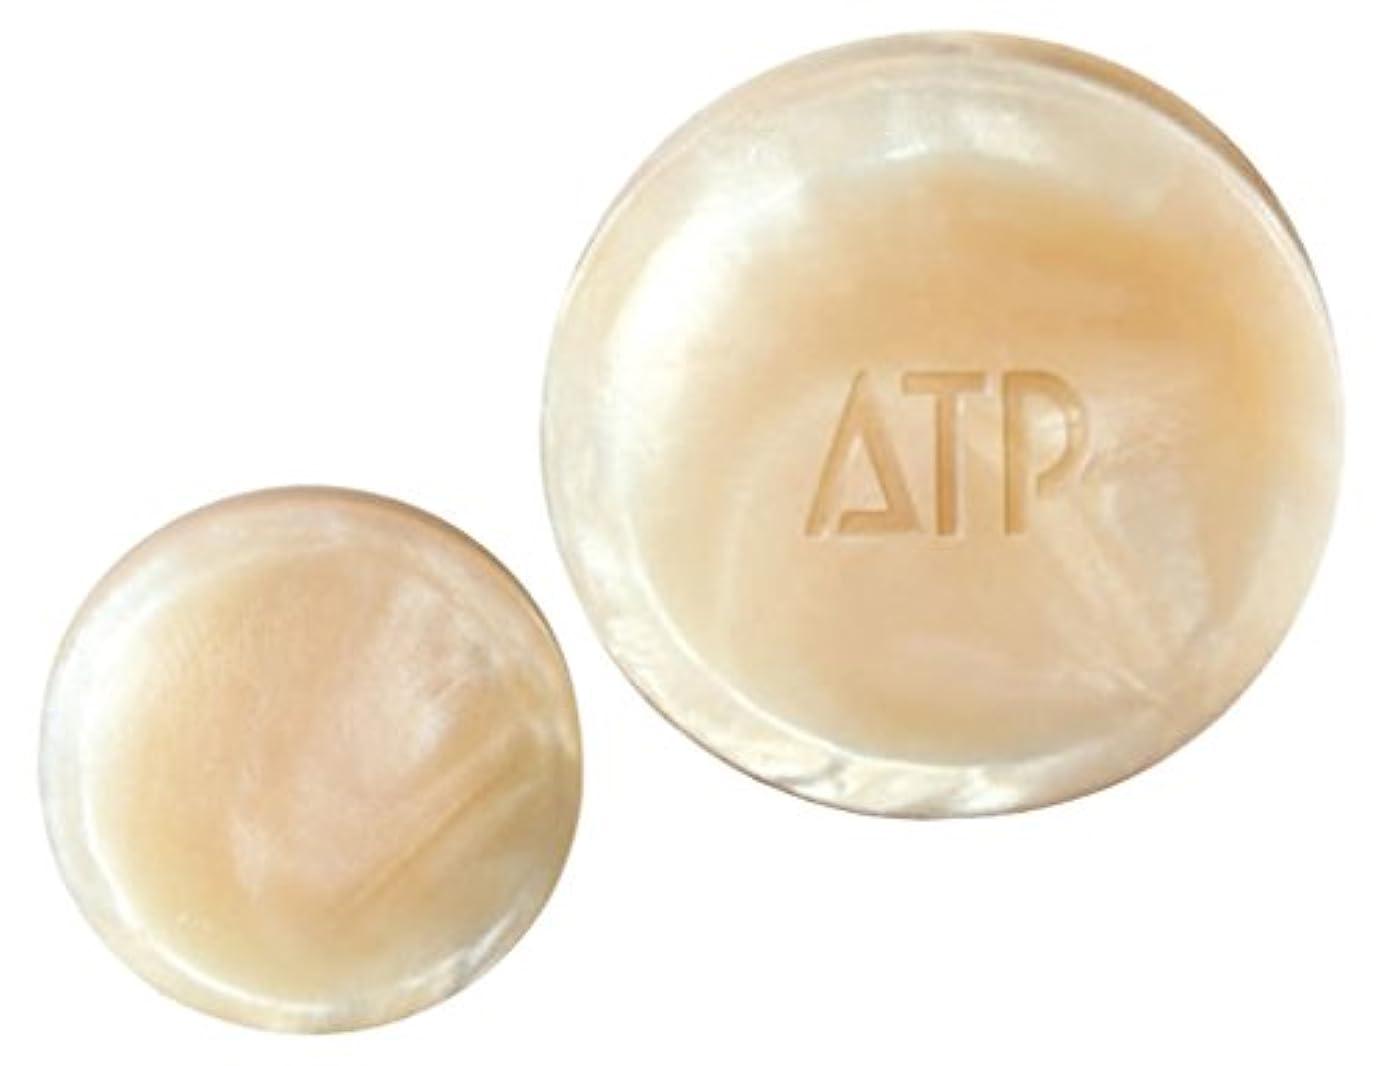 癌離す思い出させる薬用ATP デリケアソープ 30g (全身用洗浄石けん?枠練り) [医薬部外品]